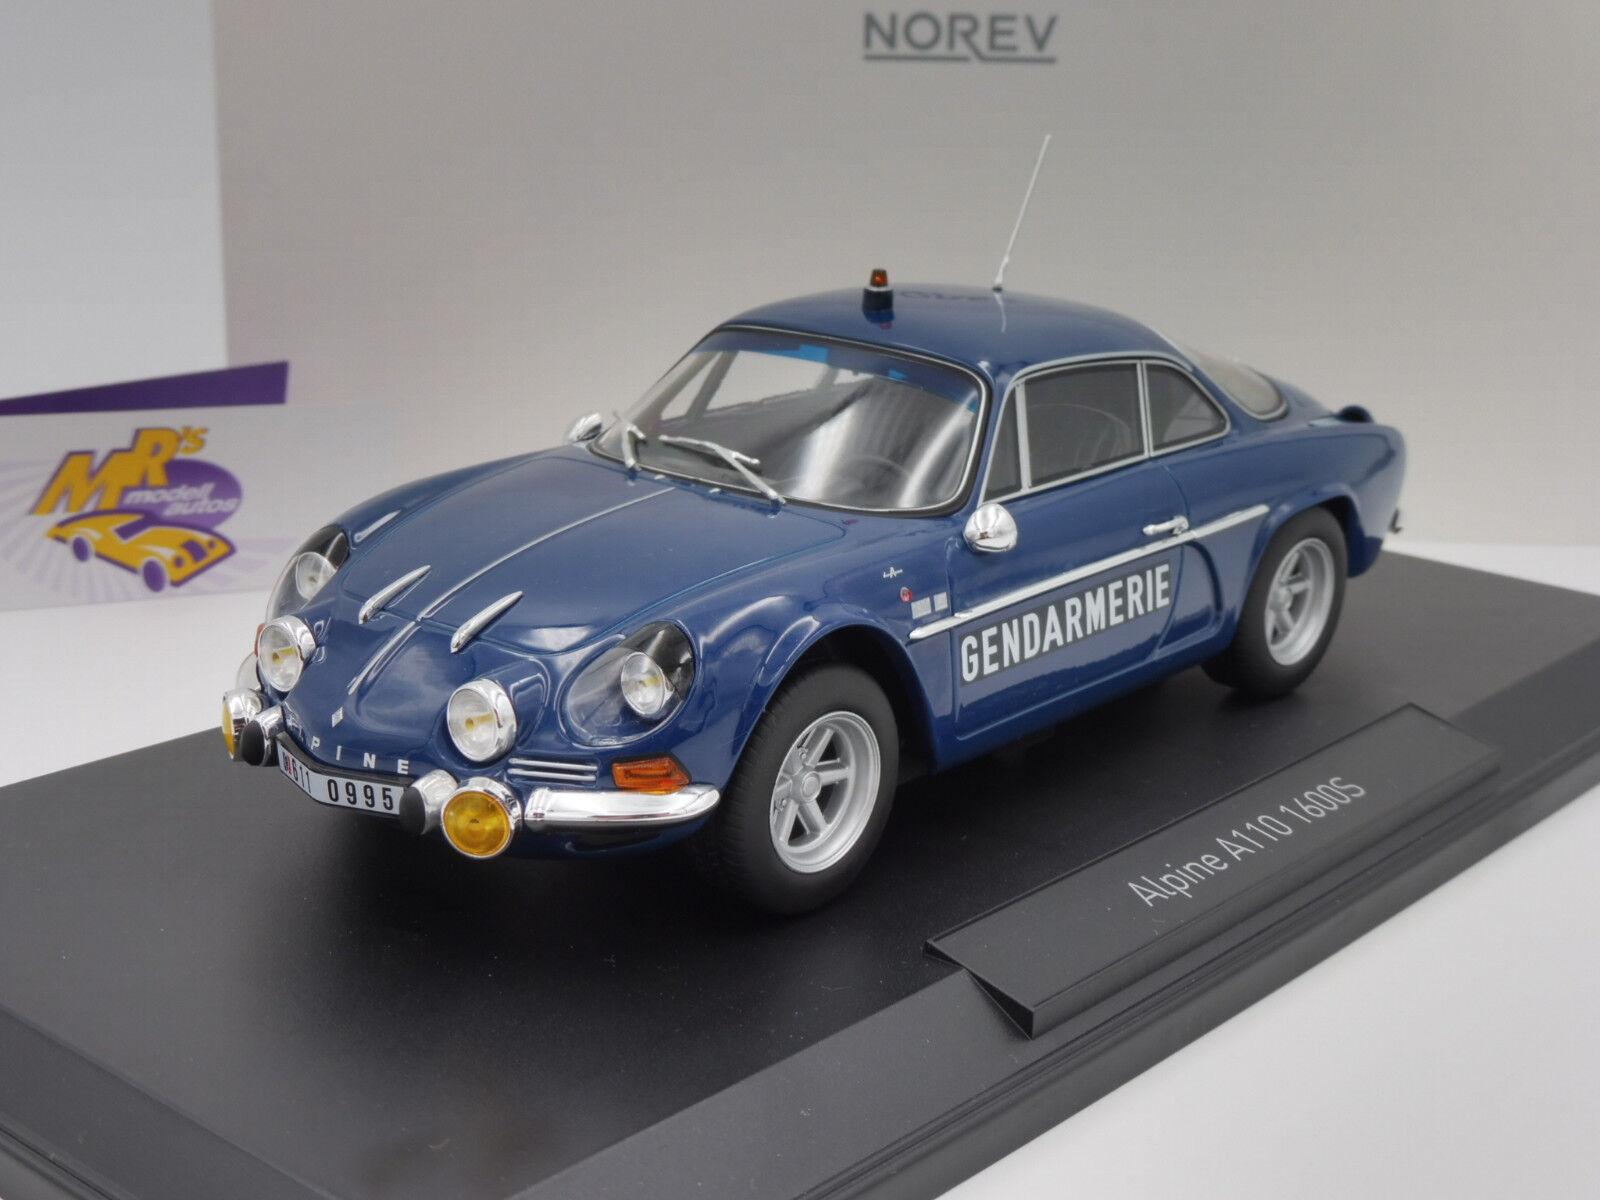 NOREV 185301   Renault Alpine a110 1600 S année-modèle 1971  gendarmarie  1 18 NEUF